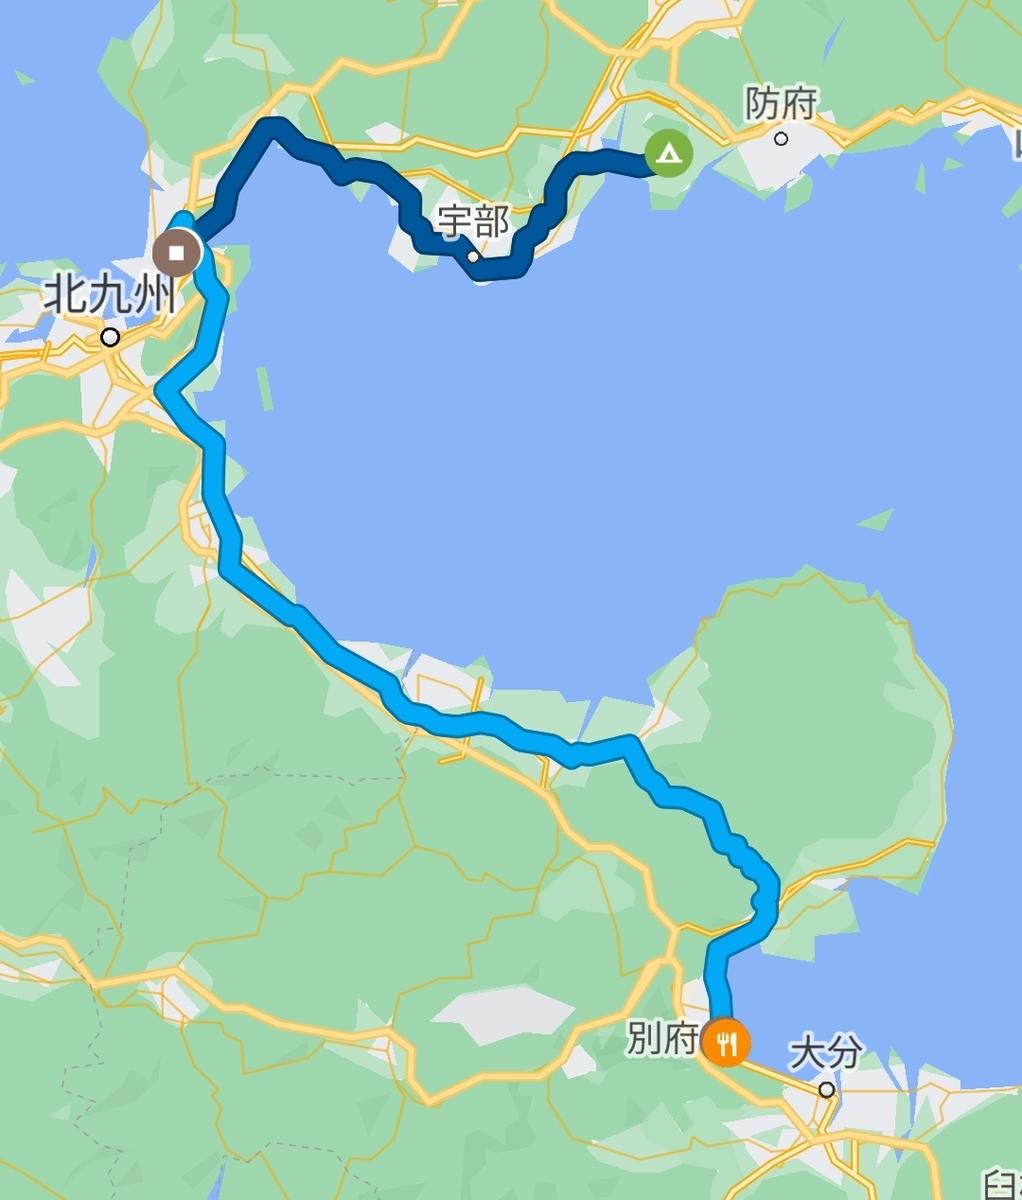 f:id:gurisan_rider:20210512113149j:plain